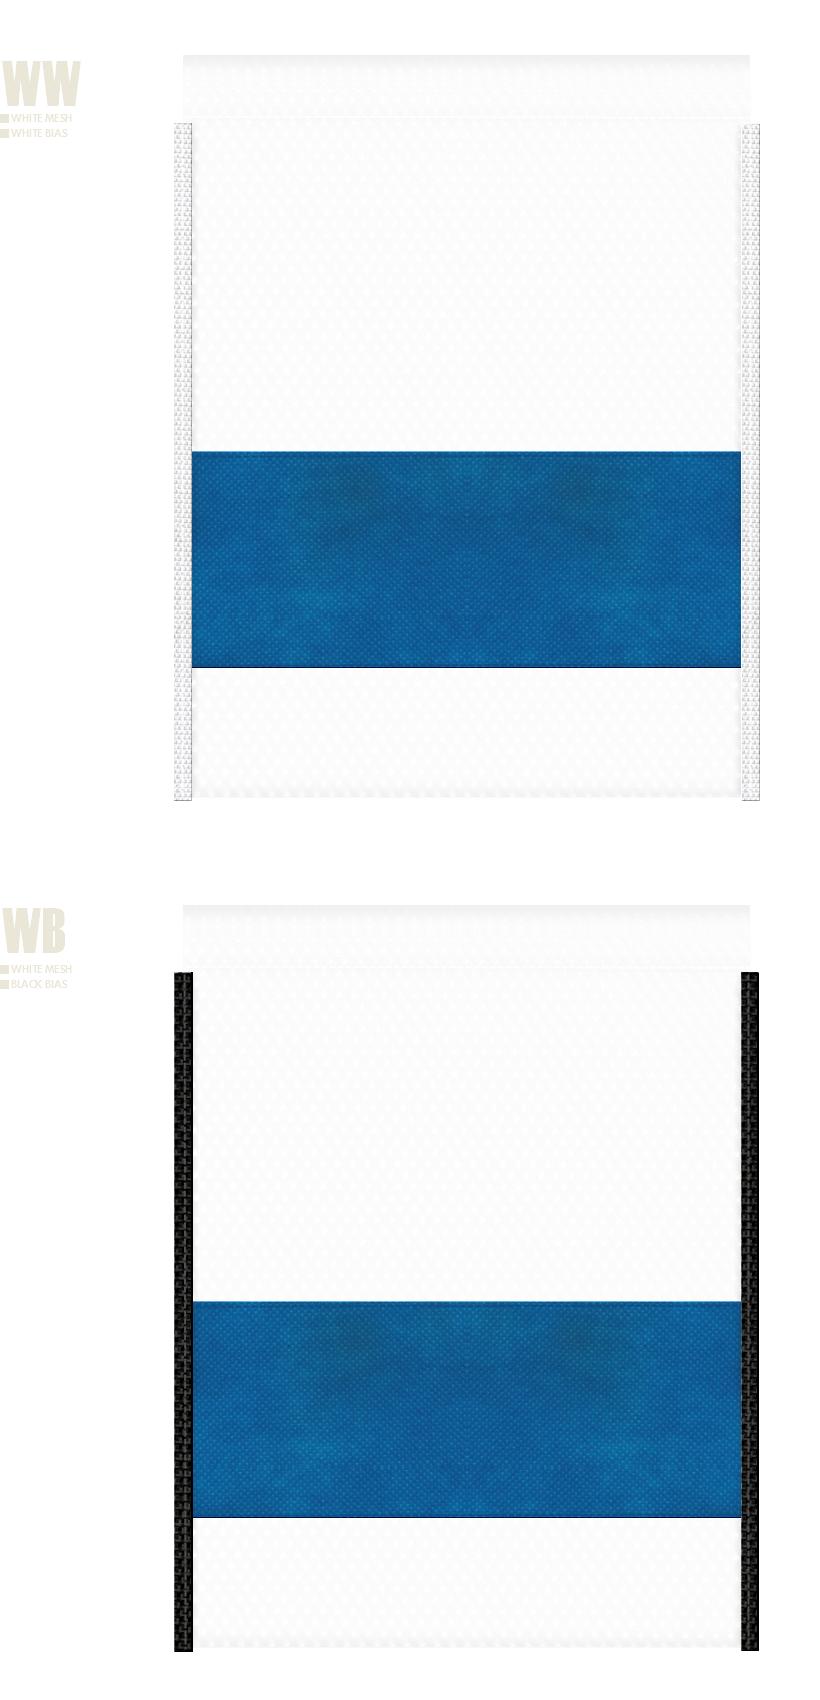 白色メッシュと青色不織布のメッシュバッグカラーシミュレーション:キャンプ用品・アウトドア用品・スポーツ用品・シューズバッグ・水族館のノベルティにお奨め